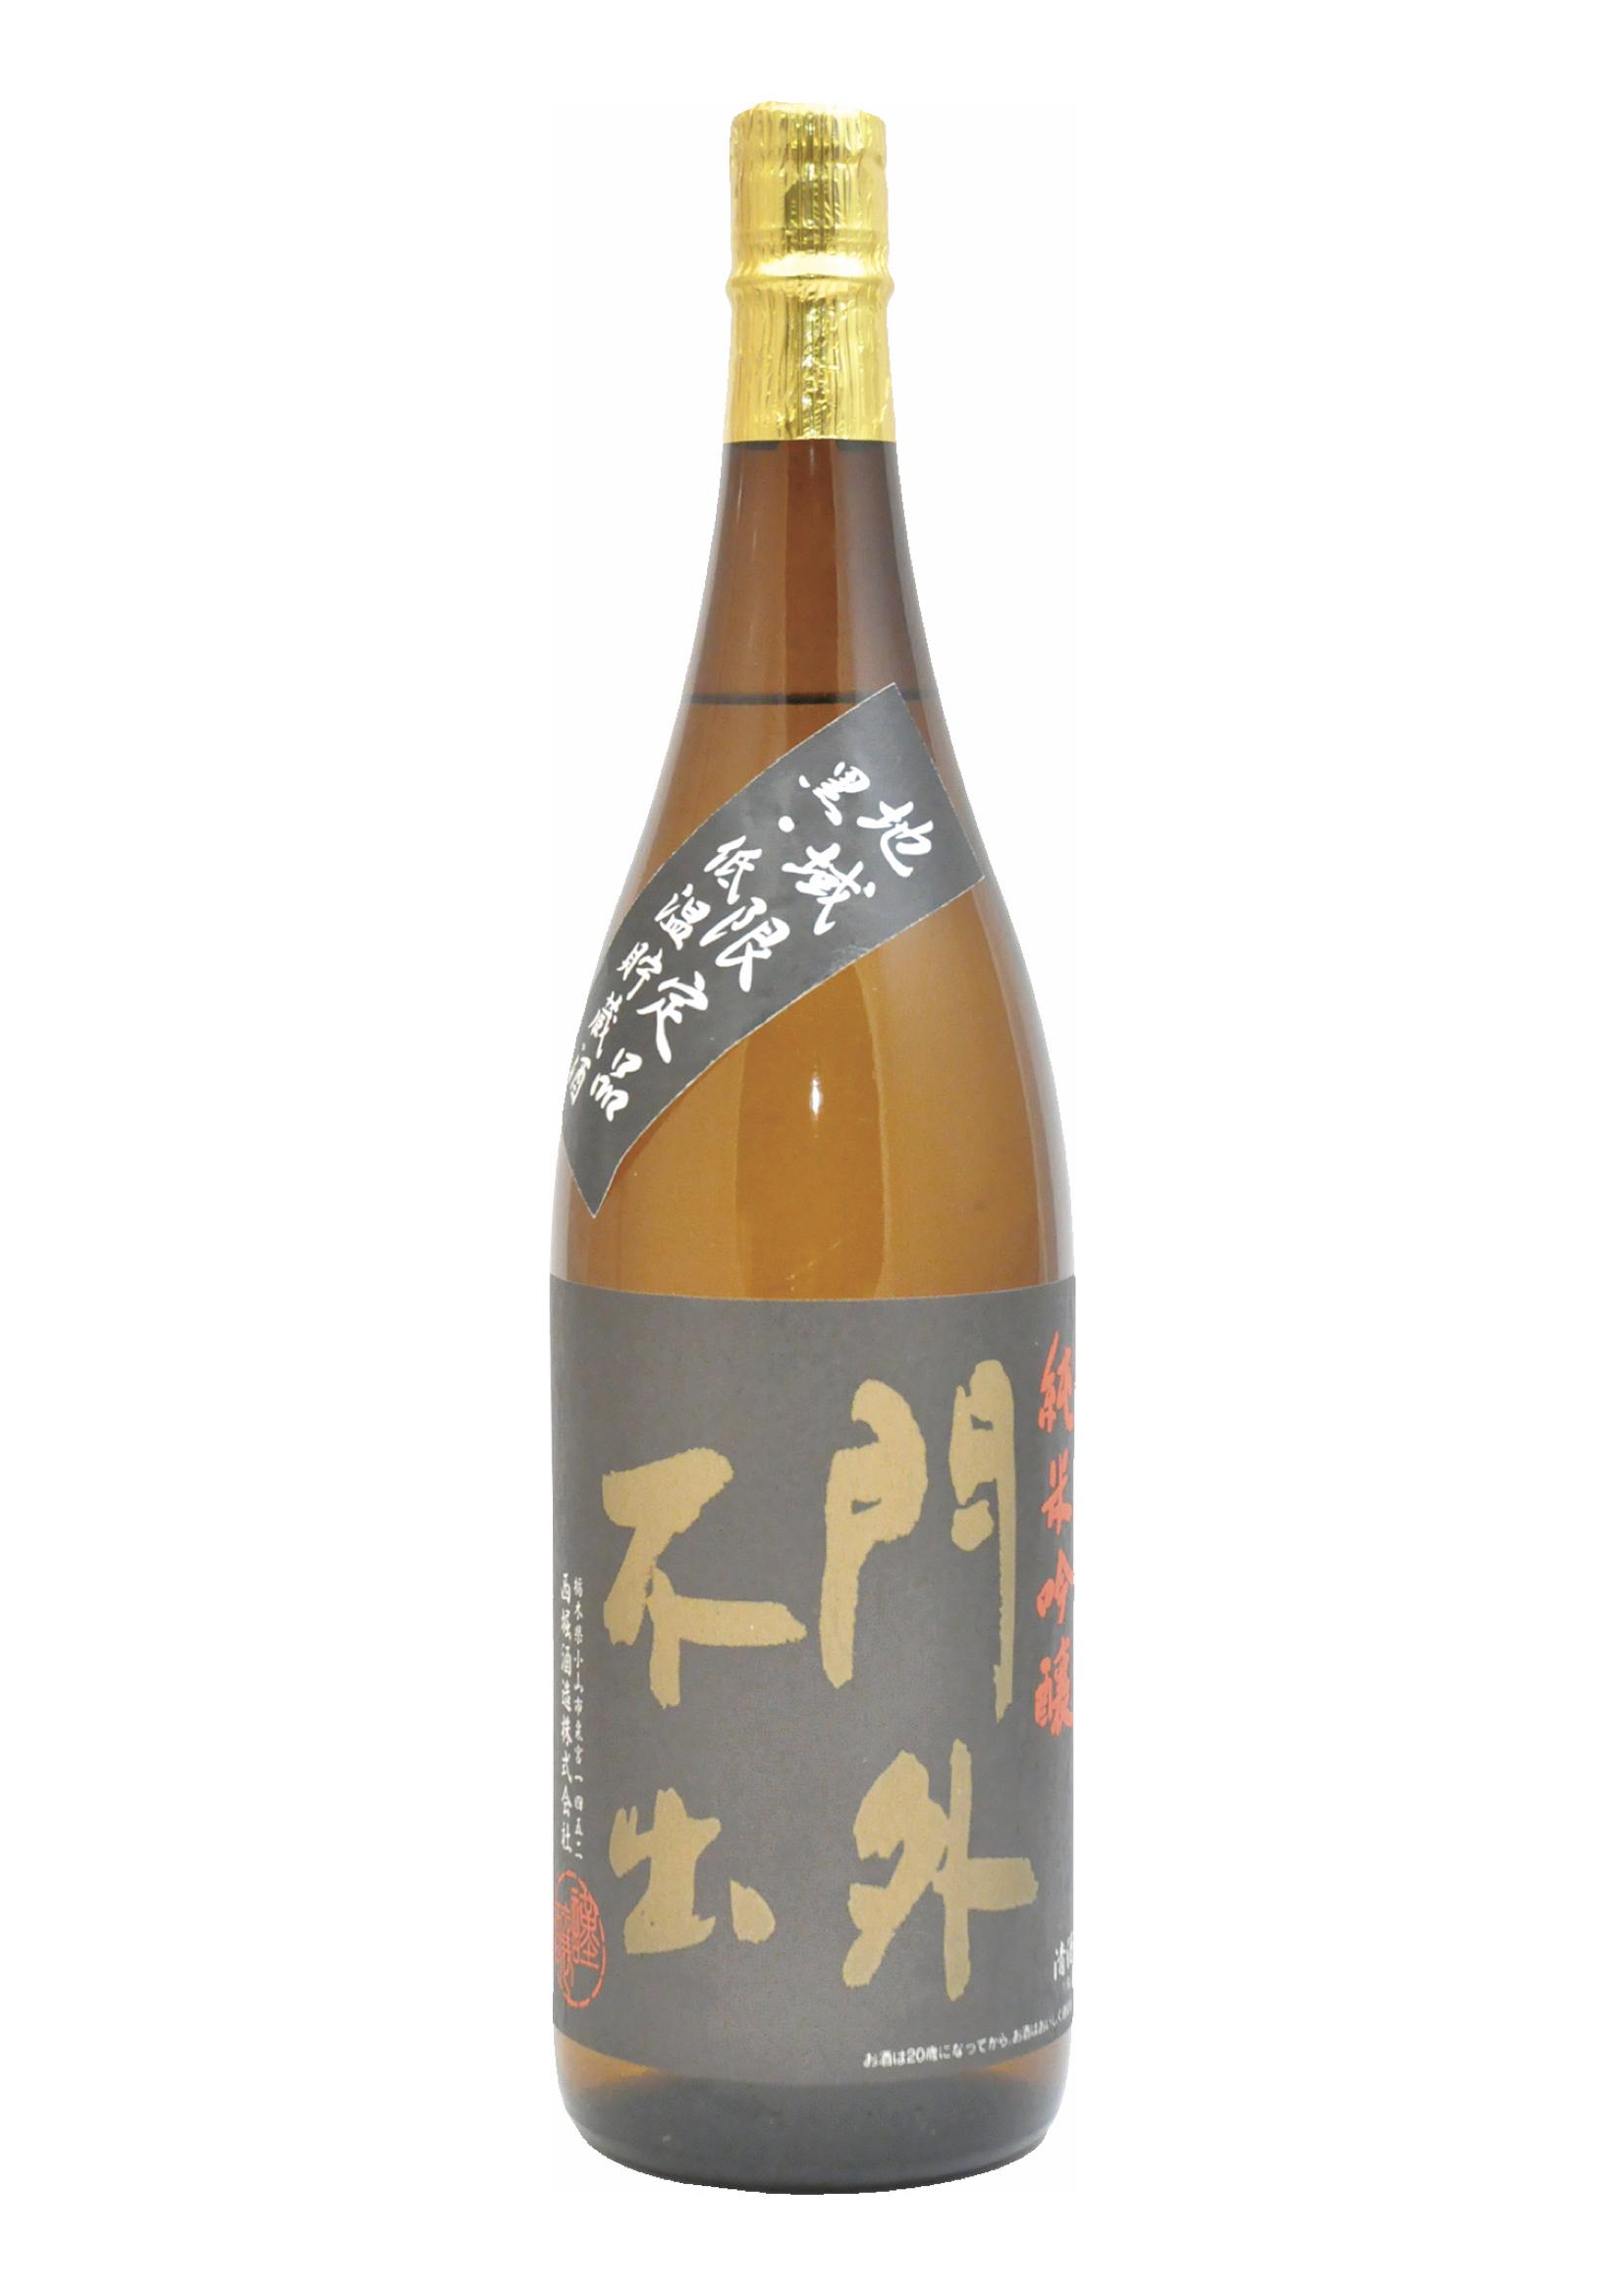 mongai-jg-black-1800